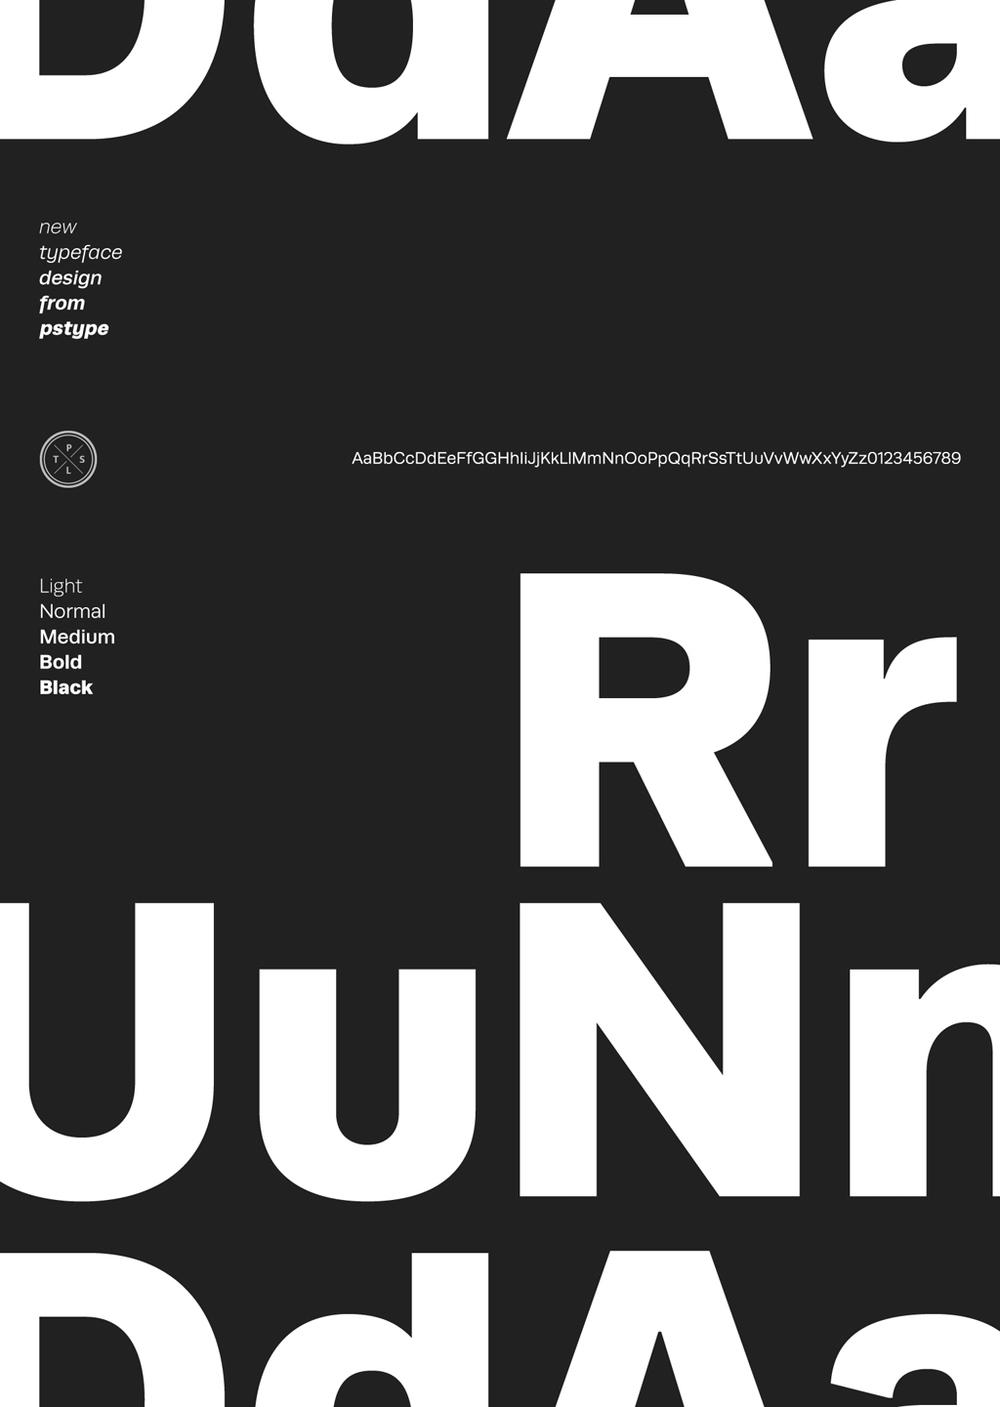 Runda_poster.jpg